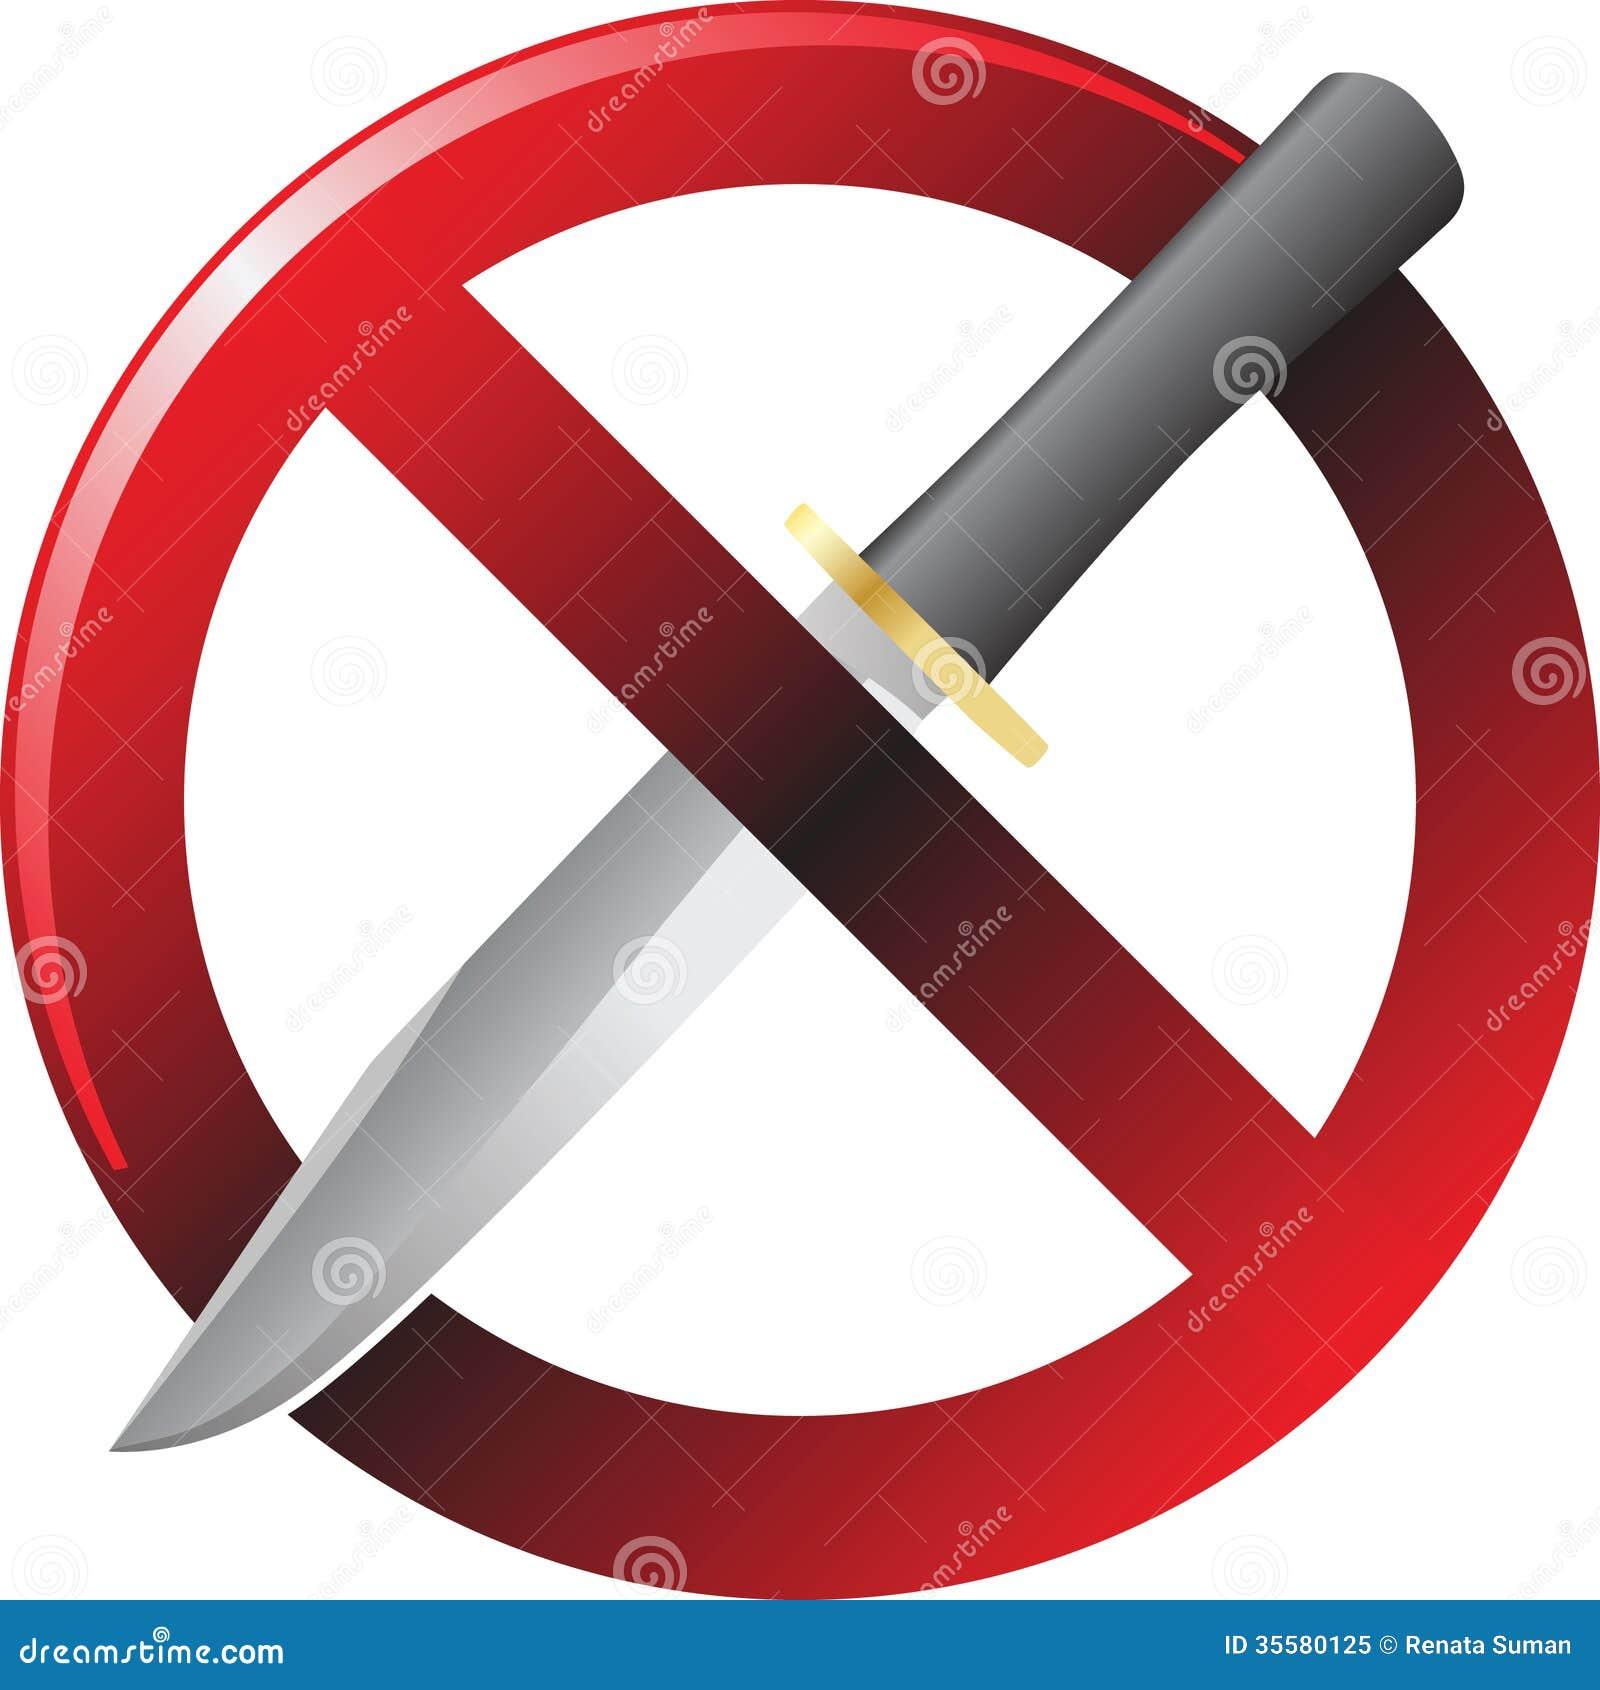 no knife sign color illustration knife and fork clipart free knife and fork clipart png